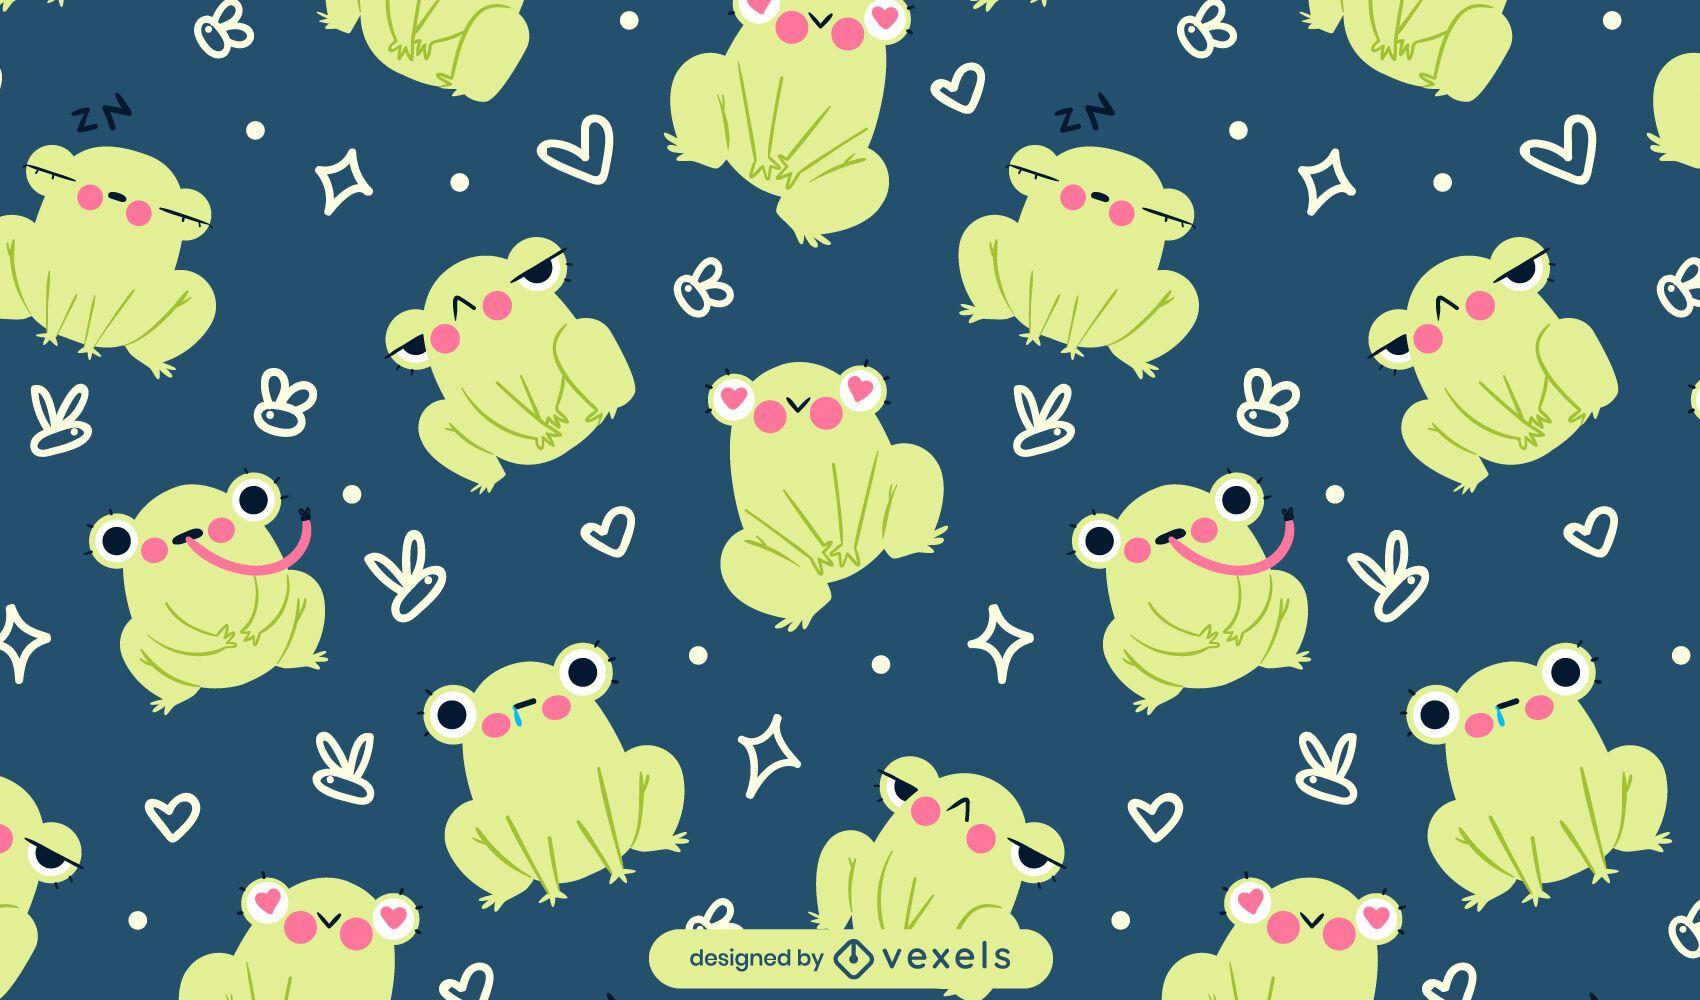 Cute cartoon frogs pattern design